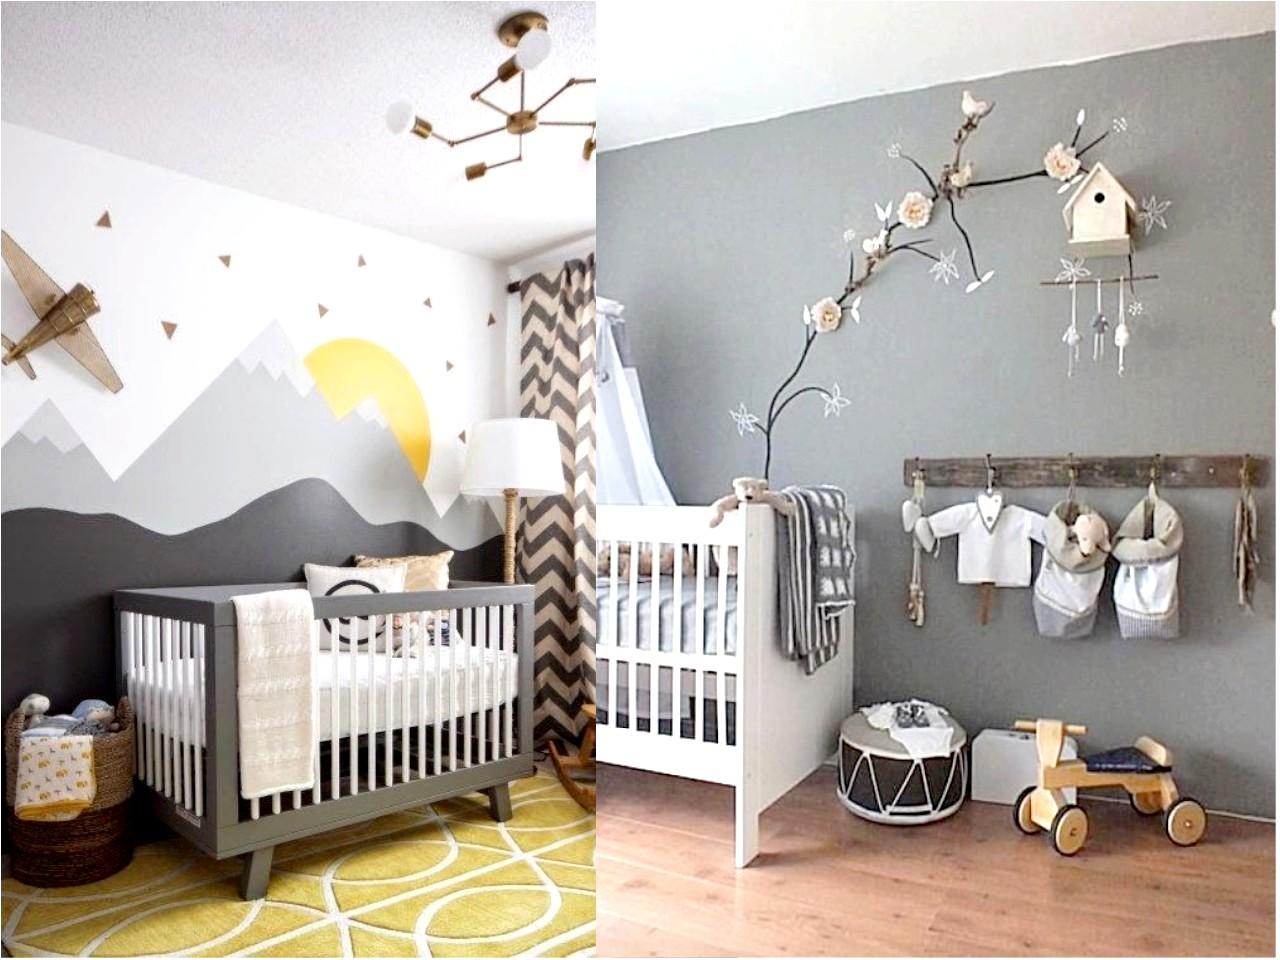 La decoraci n infantil descubre c mo decorar la - Ideas decoracion habitacion ninos ...